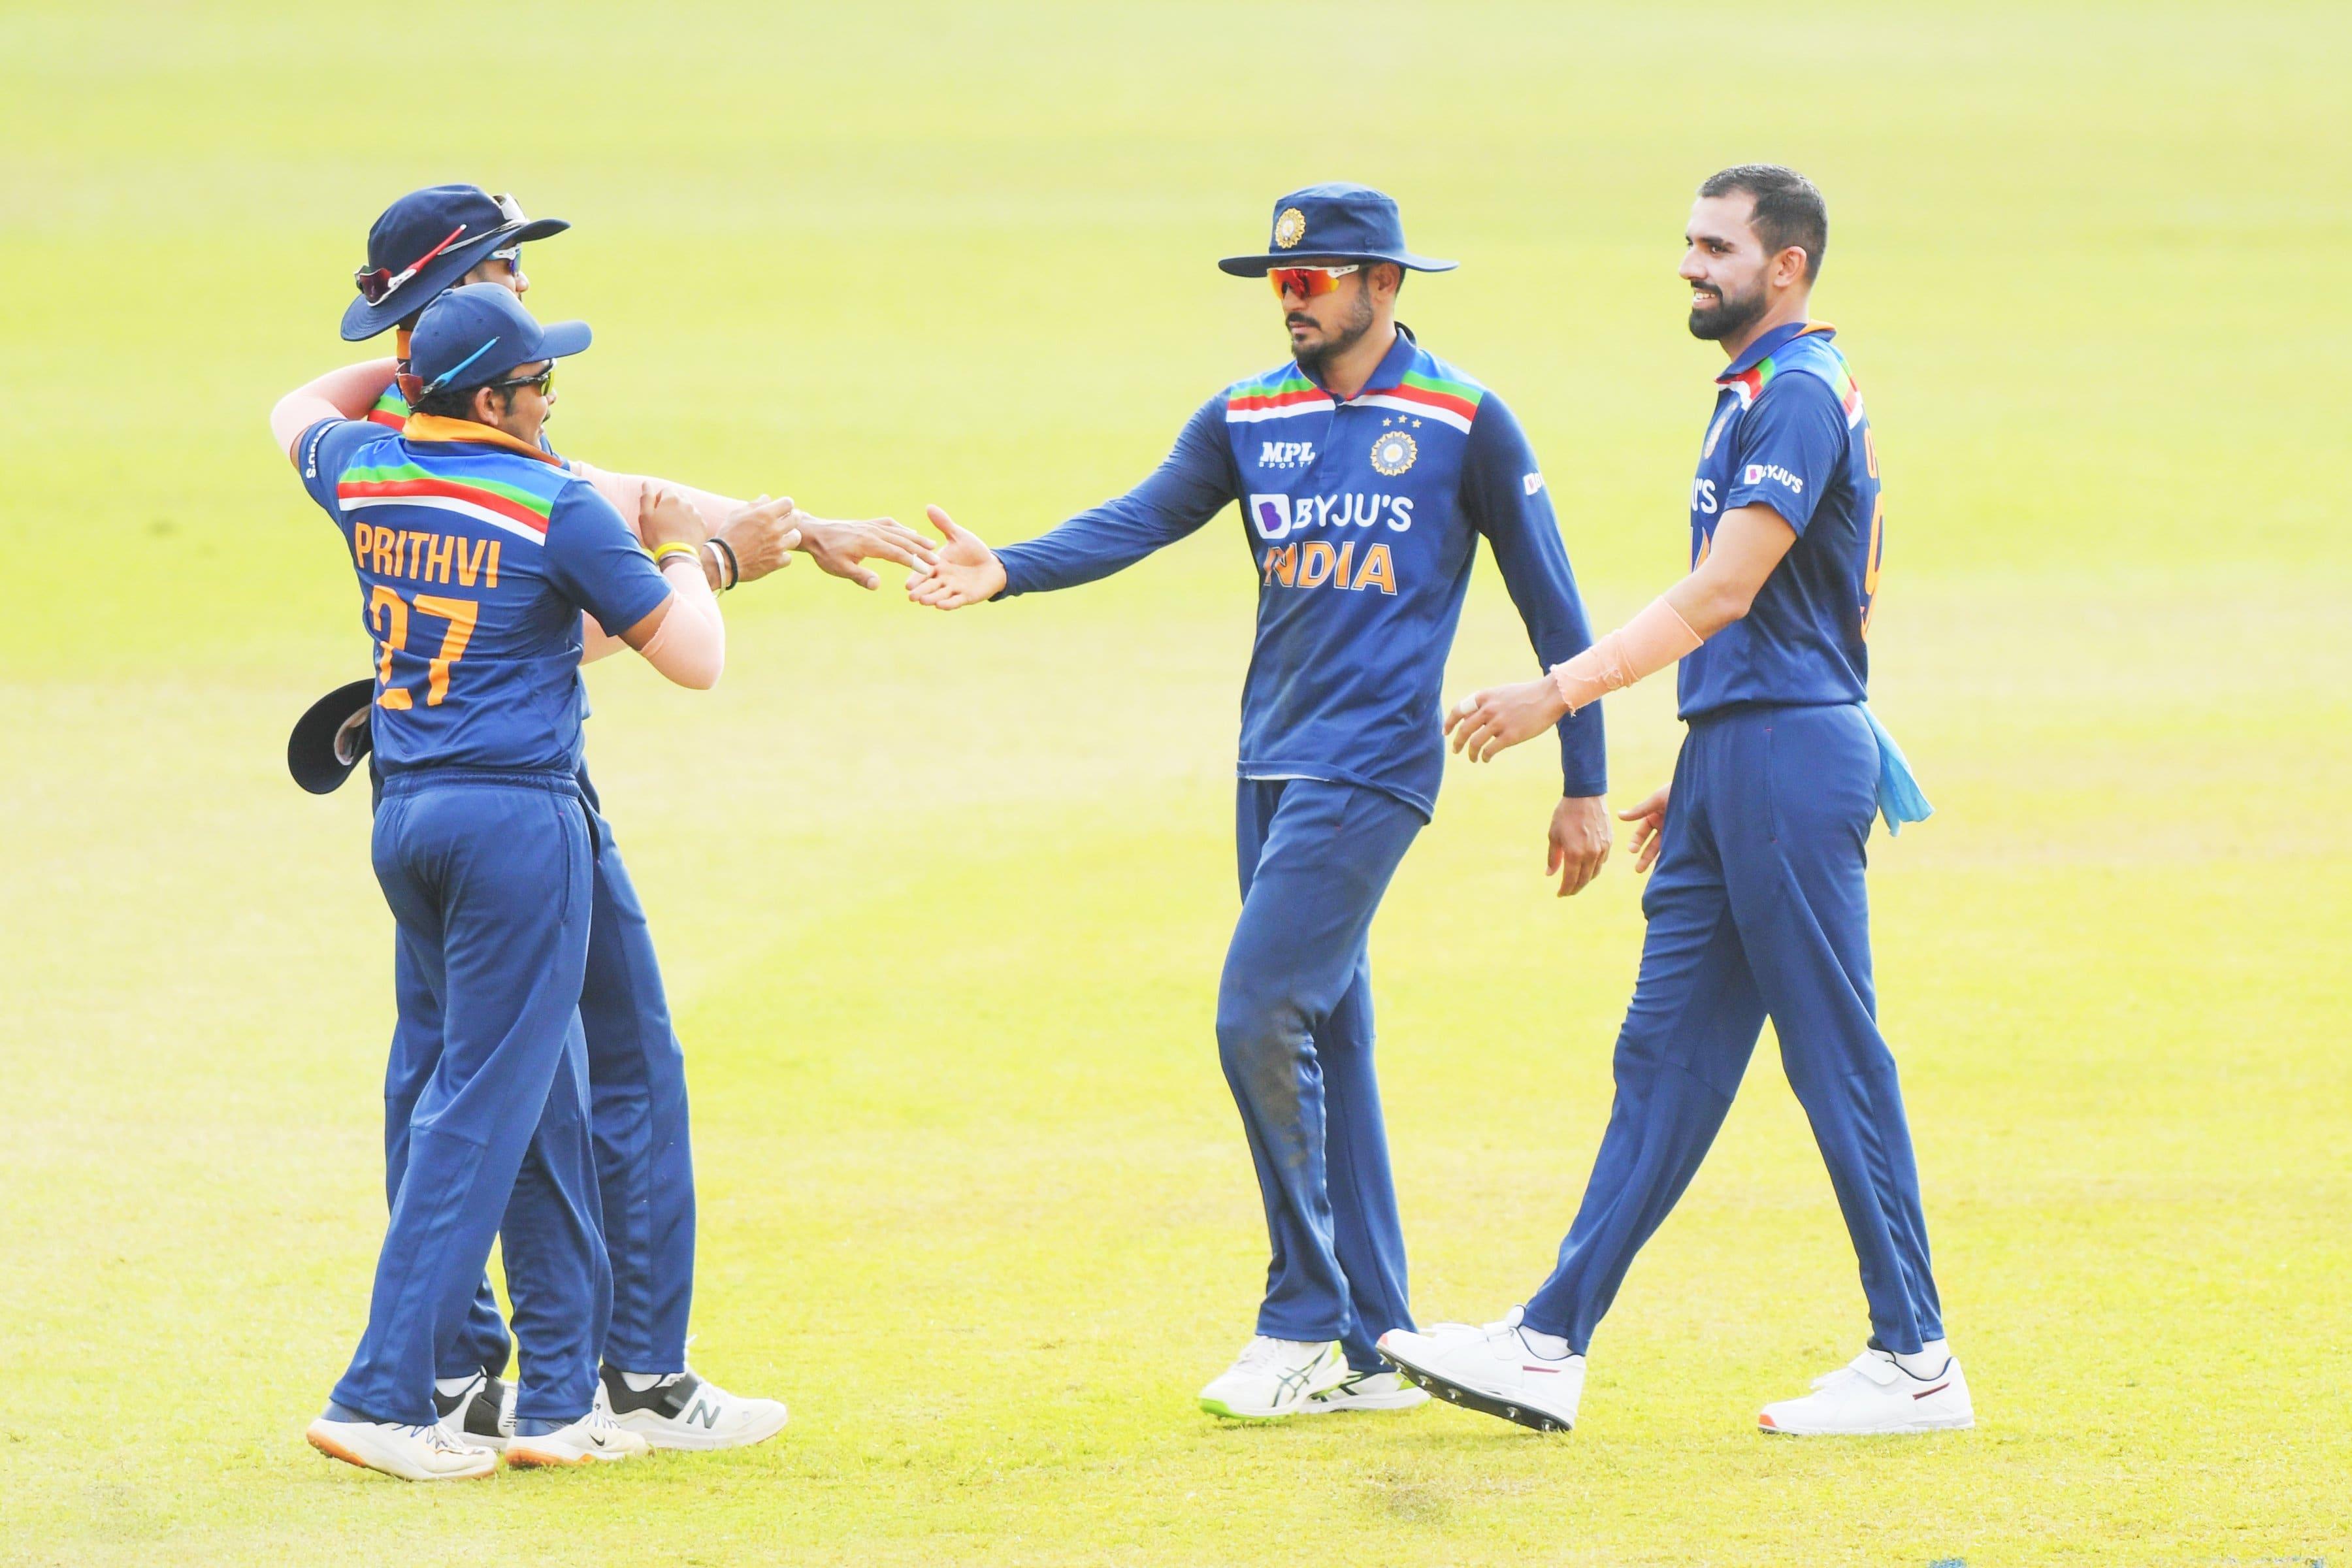 IND vs SL: દીપક ચહર અને ભુવનેશ્વરે ટીમ ઈન્ડિયાને અપાવી શાનદાર જીત, સિરીઝ કરી કબજે